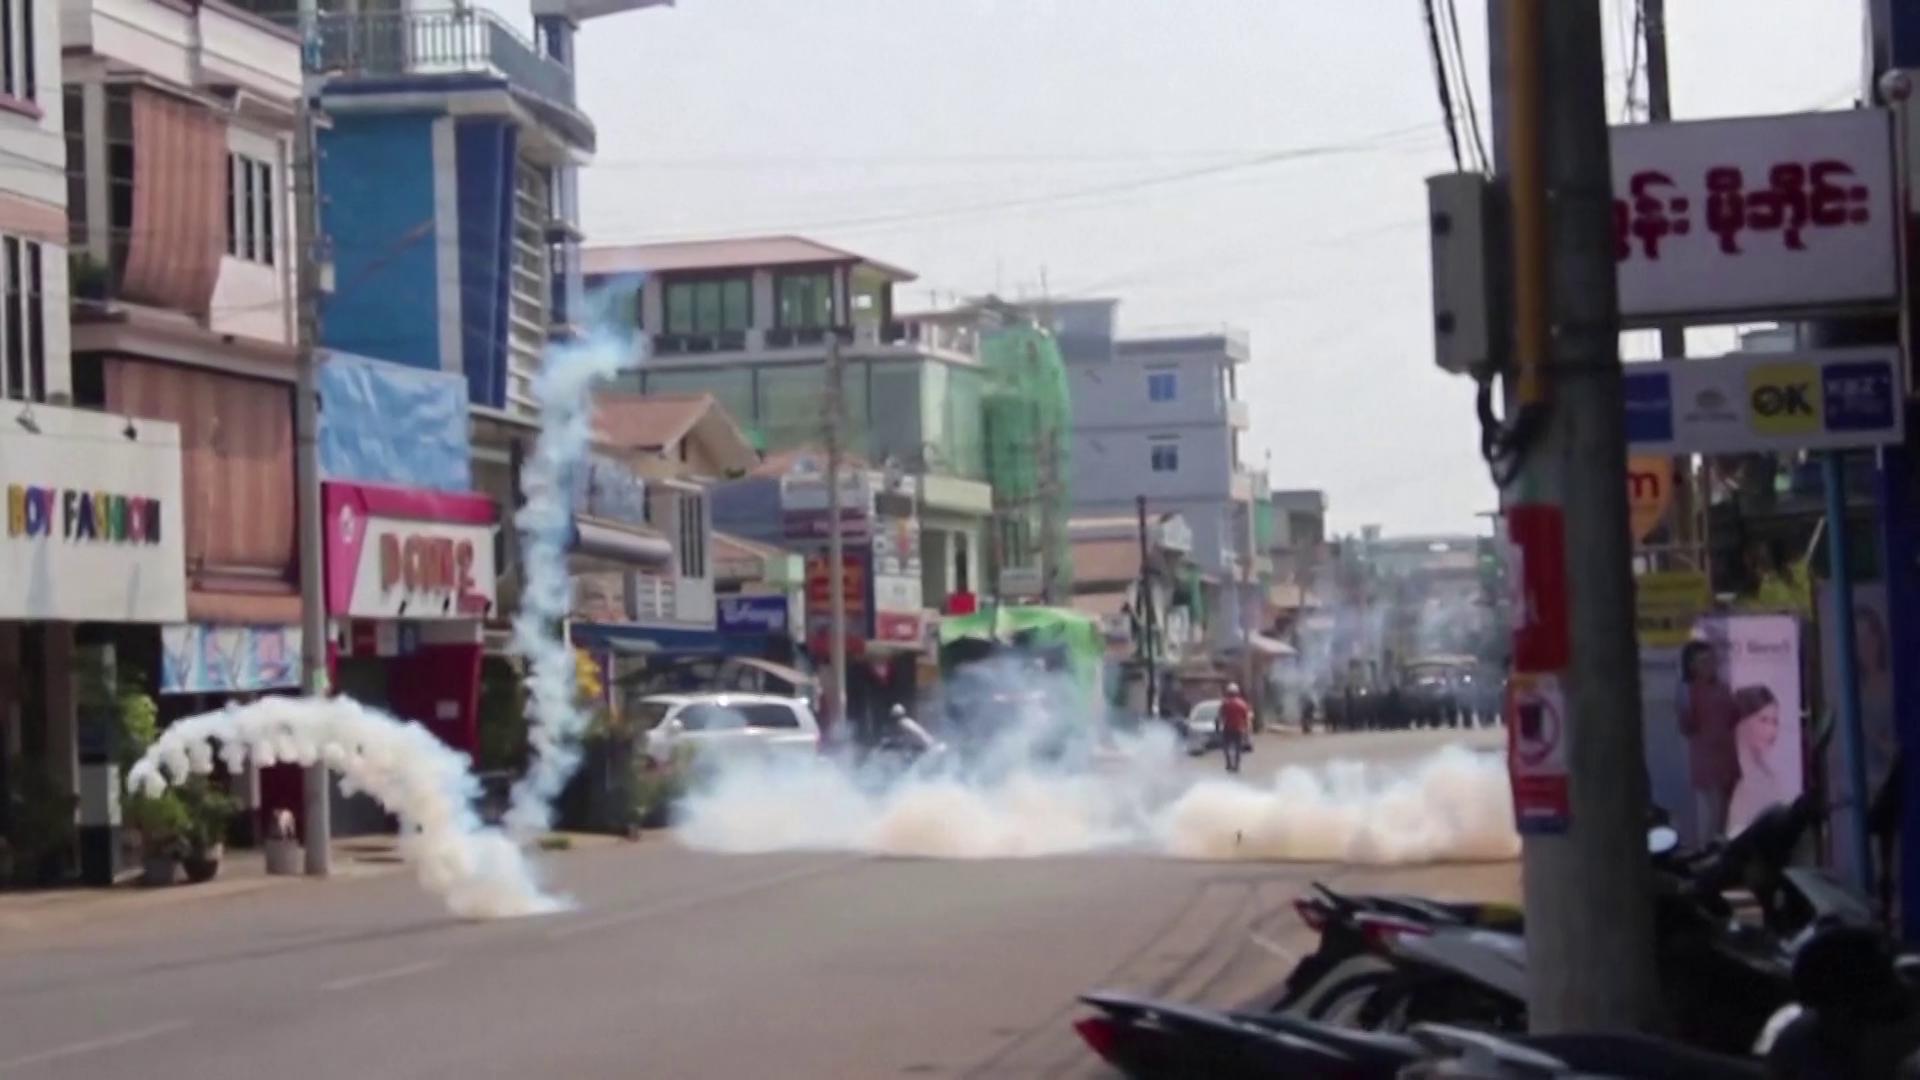 Militares dispersam multidão em Mianmar com gás lacrimogêneo